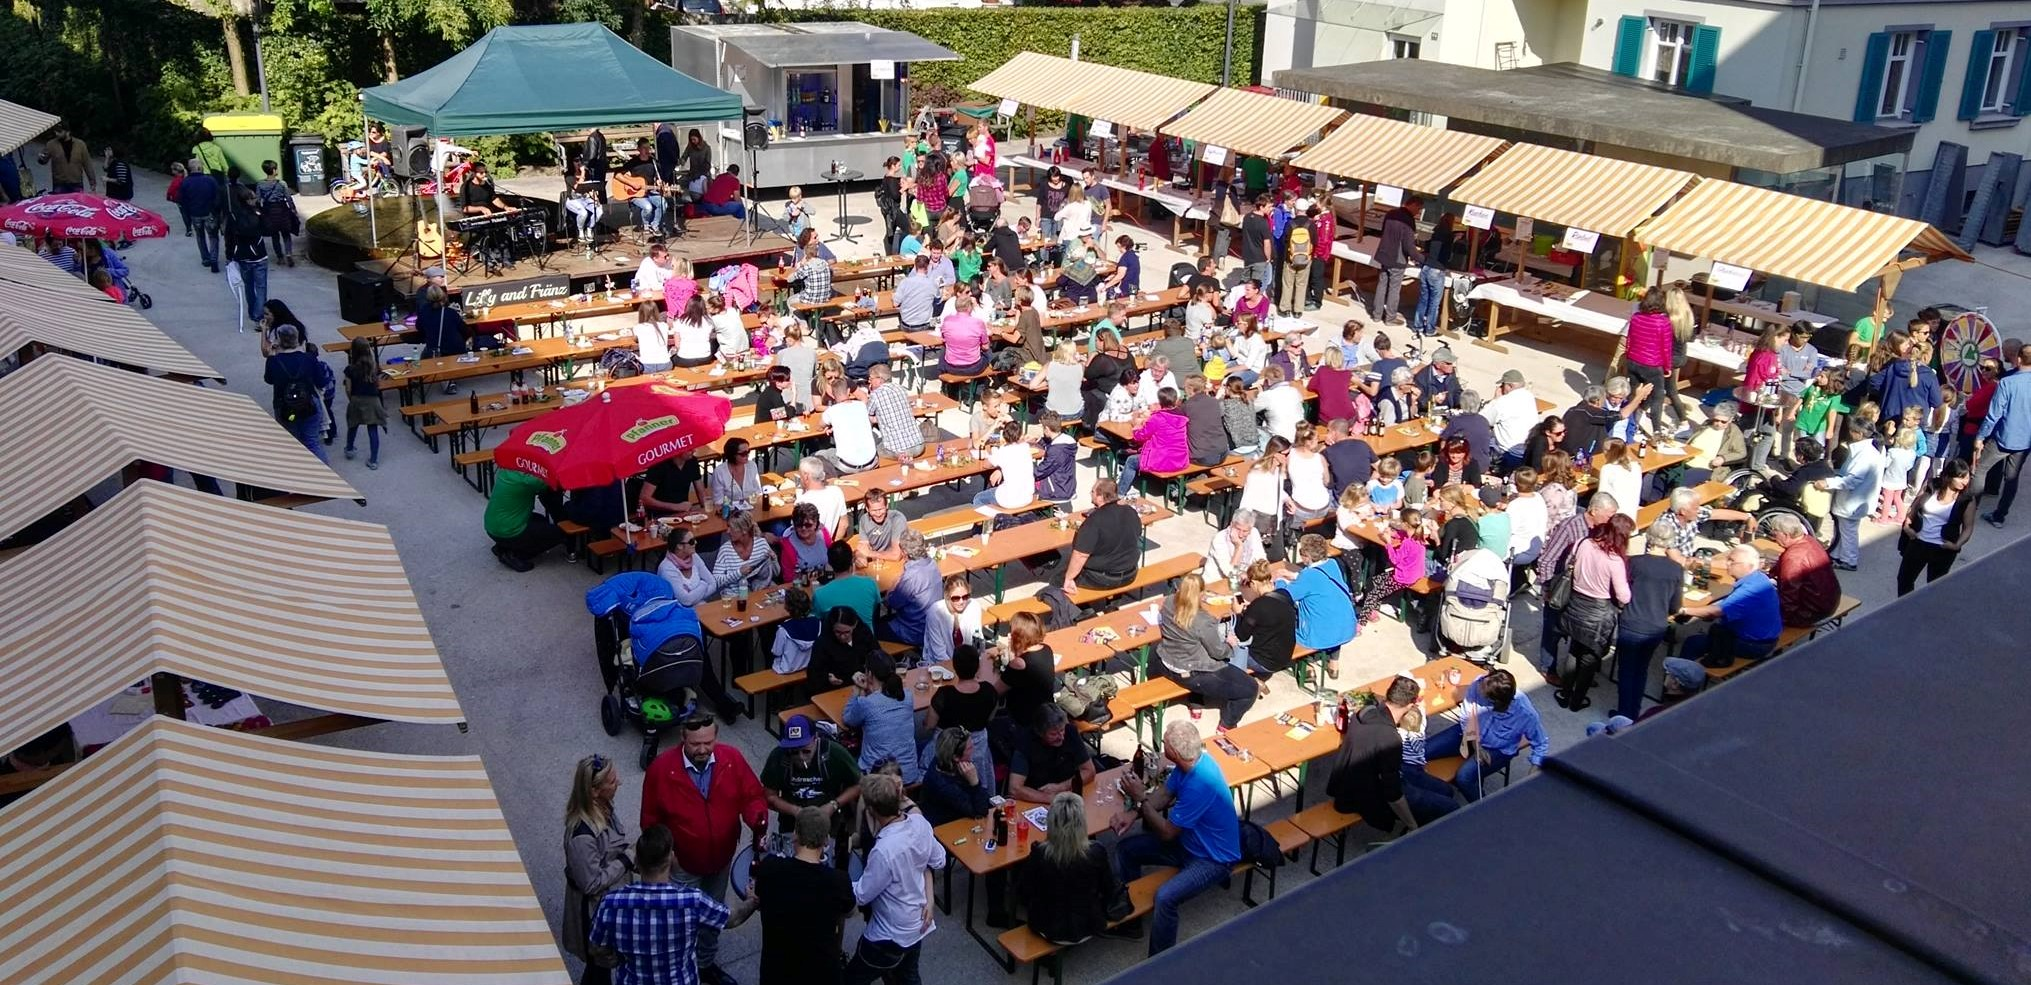 BayWa Bau & Gartenmarkt - Events | Facebook